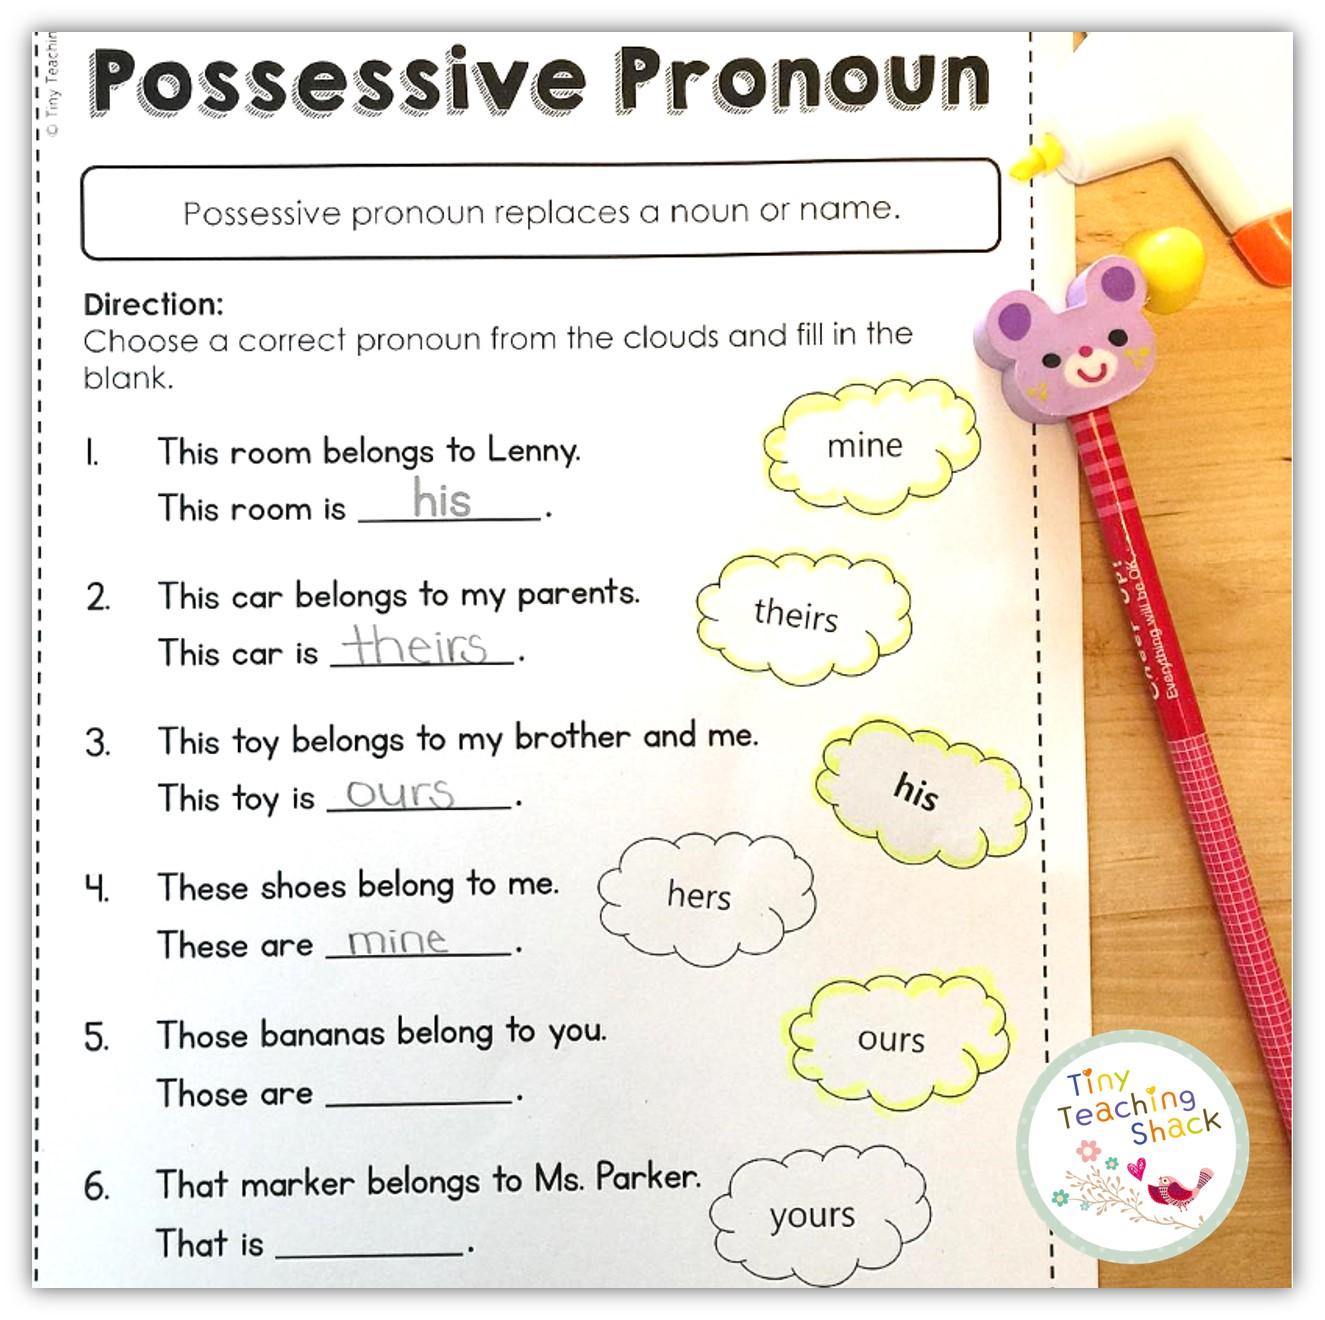 Tiny Teaching Shack Pronouns Personal Possessive Indefinite